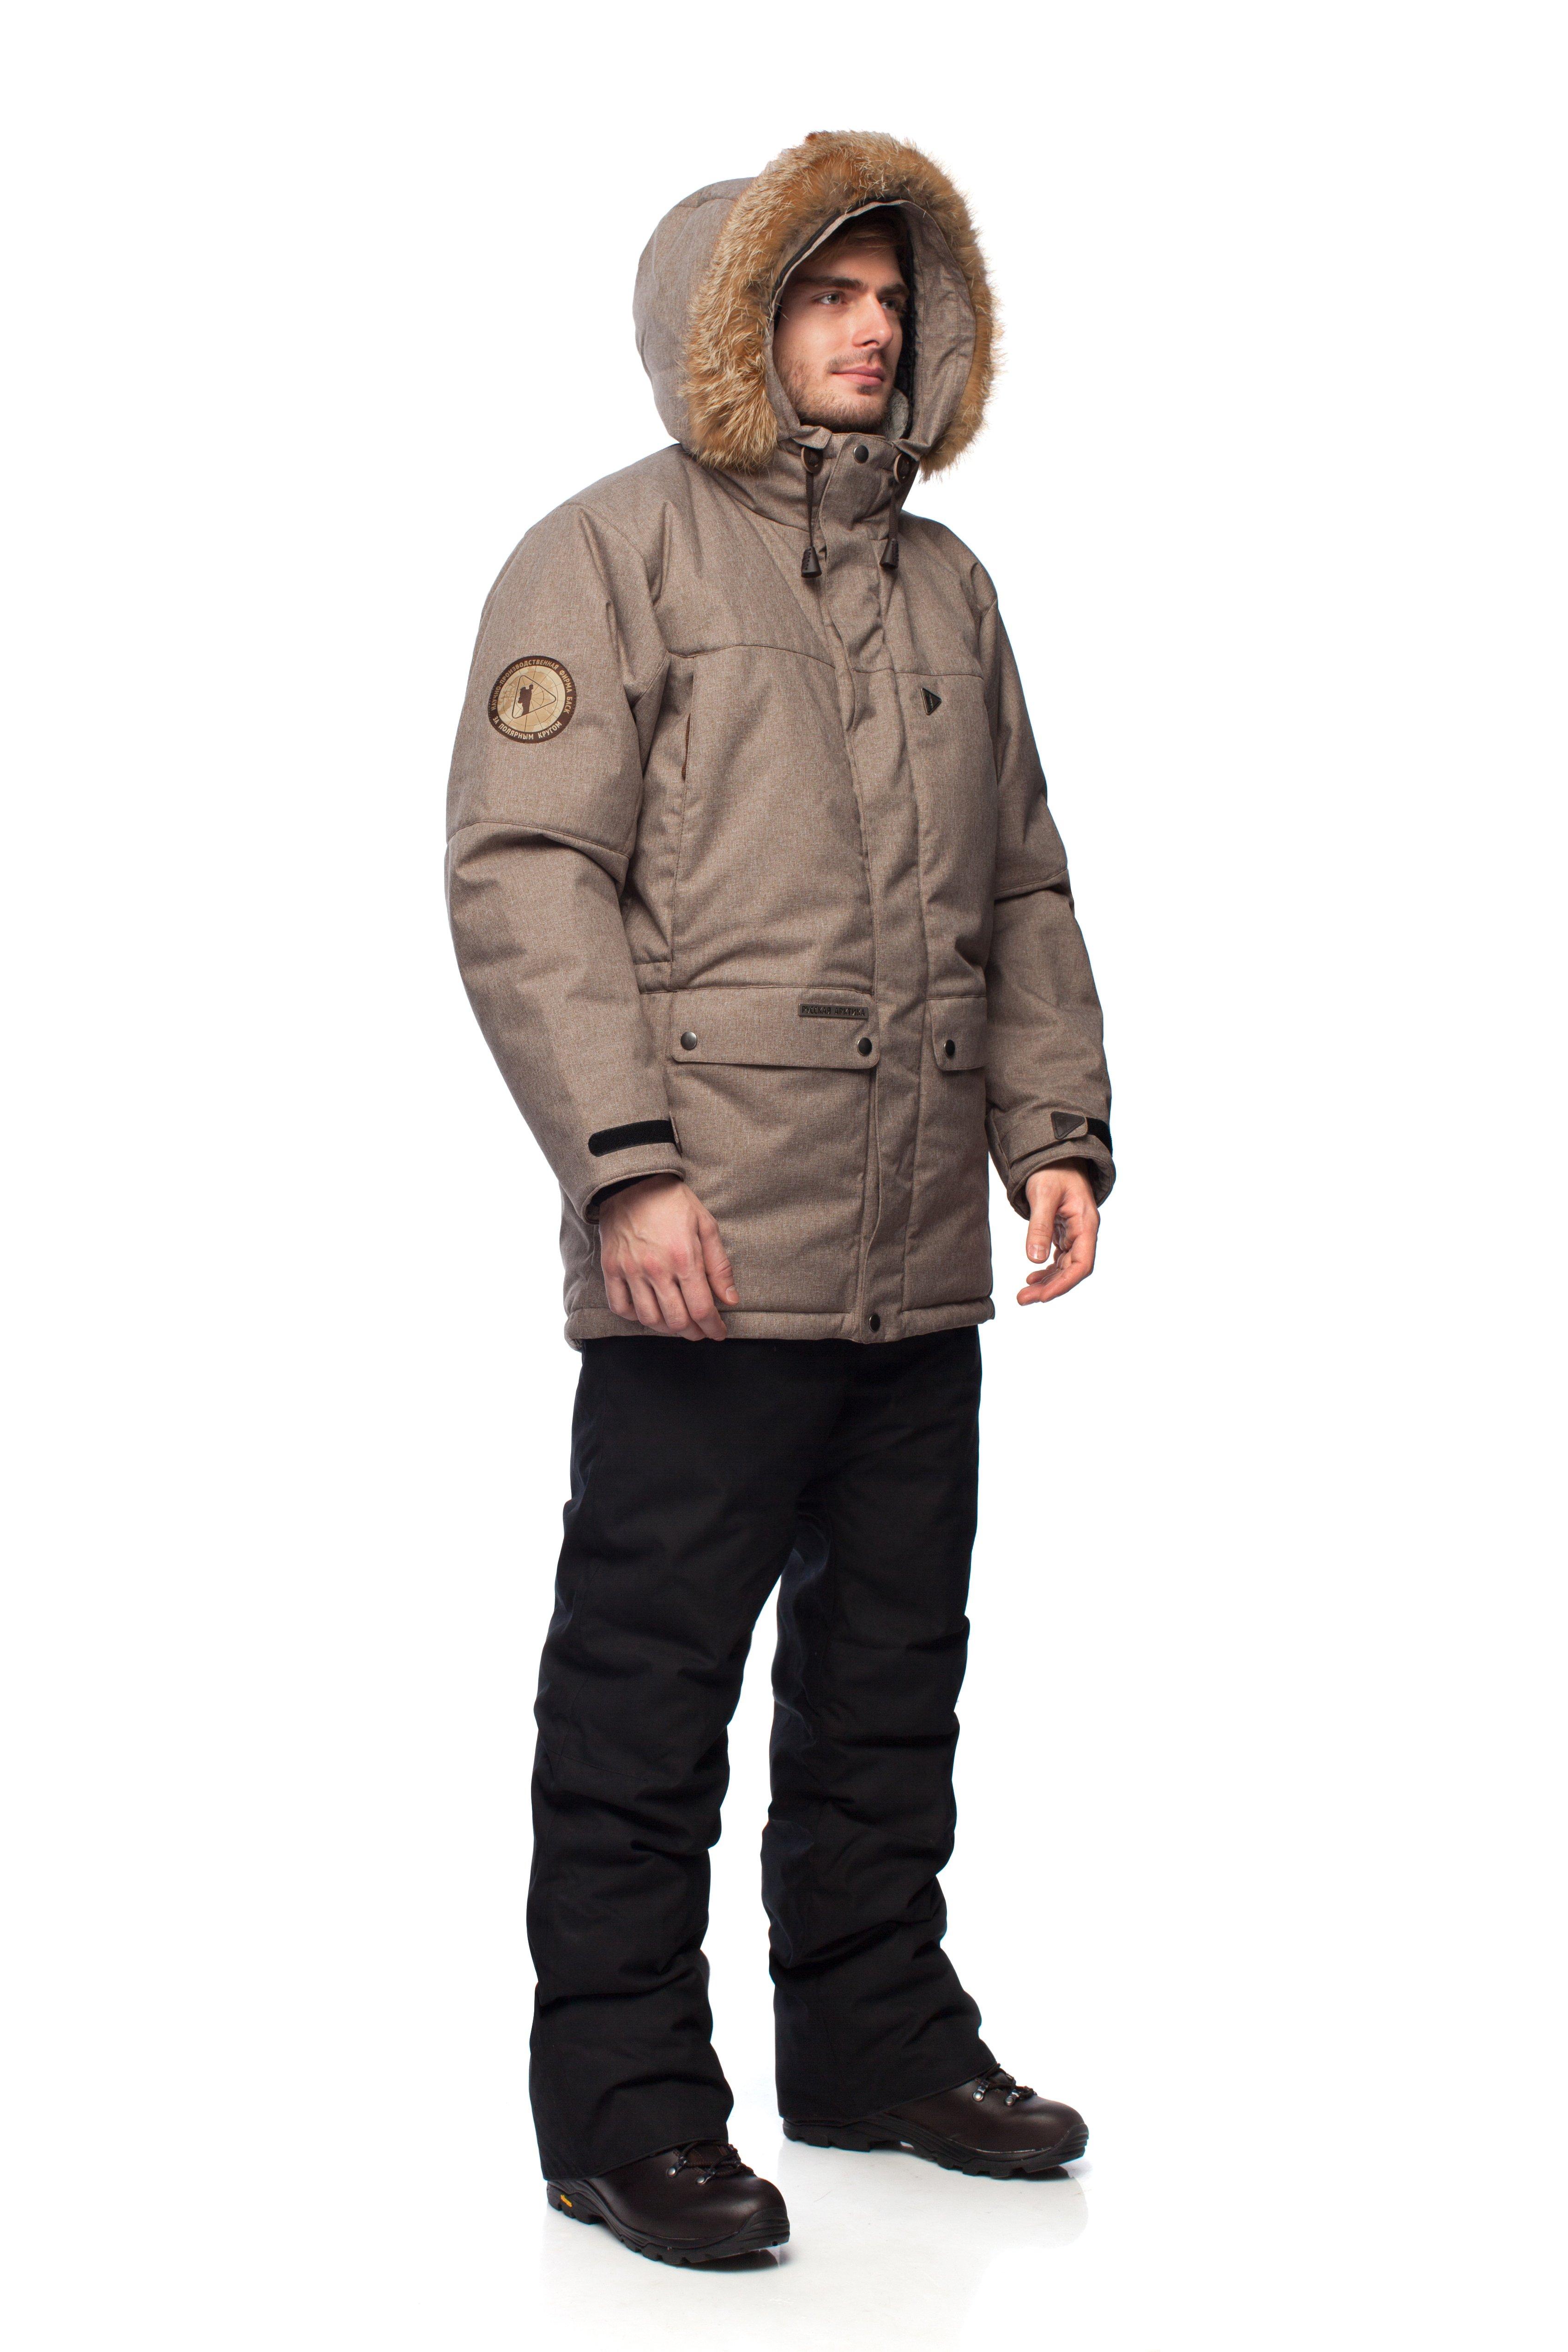 Куртка BASK SHL ARADAN 3802Удлиненная мужская зимняя куртка-парка BASK ARADAN с мембранной тканью и температурным режимом -25 &amp;deg;С.<br><br>Верхняя ткань: Advance® Alaska Soft Melange<br>Вес граммы: 1680<br>Ветро-влагозащитные свойства верхней ткани: Да<br>Ветрозащитная планка: Да<br>Ветрозащитная юбка: Нет<br>Влагозащитные молнии: Нет<br>Внутренние манжеты: Нет<br>Внутренняя ткань: Advance® Classic<br>Водонепроницаемость: 10000<br>Дублирующий центральную молнию клапан: Нет<br>Защитный козырёк капюшона: Нет<br>Капюшон: несъемный<br>Карман для средств связи: Да<br>Количество внешних карманов: 5<br>Количество внутренних карманов: 2<br>Объемный крой локтевой зоны: Да<br>Отстёгивающиеся рукава: Нет<br>Паропроницаемость: 5000<br>Пол: Мужской<br>Проклейка швов: Нет<br>Регулировка манжетов рукавов: Да<br>Регулировка низа: Да<br>Регулировка объёма капюшона: Да<br>Регулировка талии: Нет<br>Регулируемые вентиляционные отверстия: Нет<br>Световозвращающая лента: Нет<br>Температурный режим: -25<br>Технология Thermal Welding: Нет<br>Тип молнии: двухзамковая влагостойкая<br>Тип утеплителя: синтетический<br>Усиление контактных зон: Нет<br>Утеплитель: Shelter®Sport<br>Размер RU: 58<br>Цвет: СЕРЫЙ